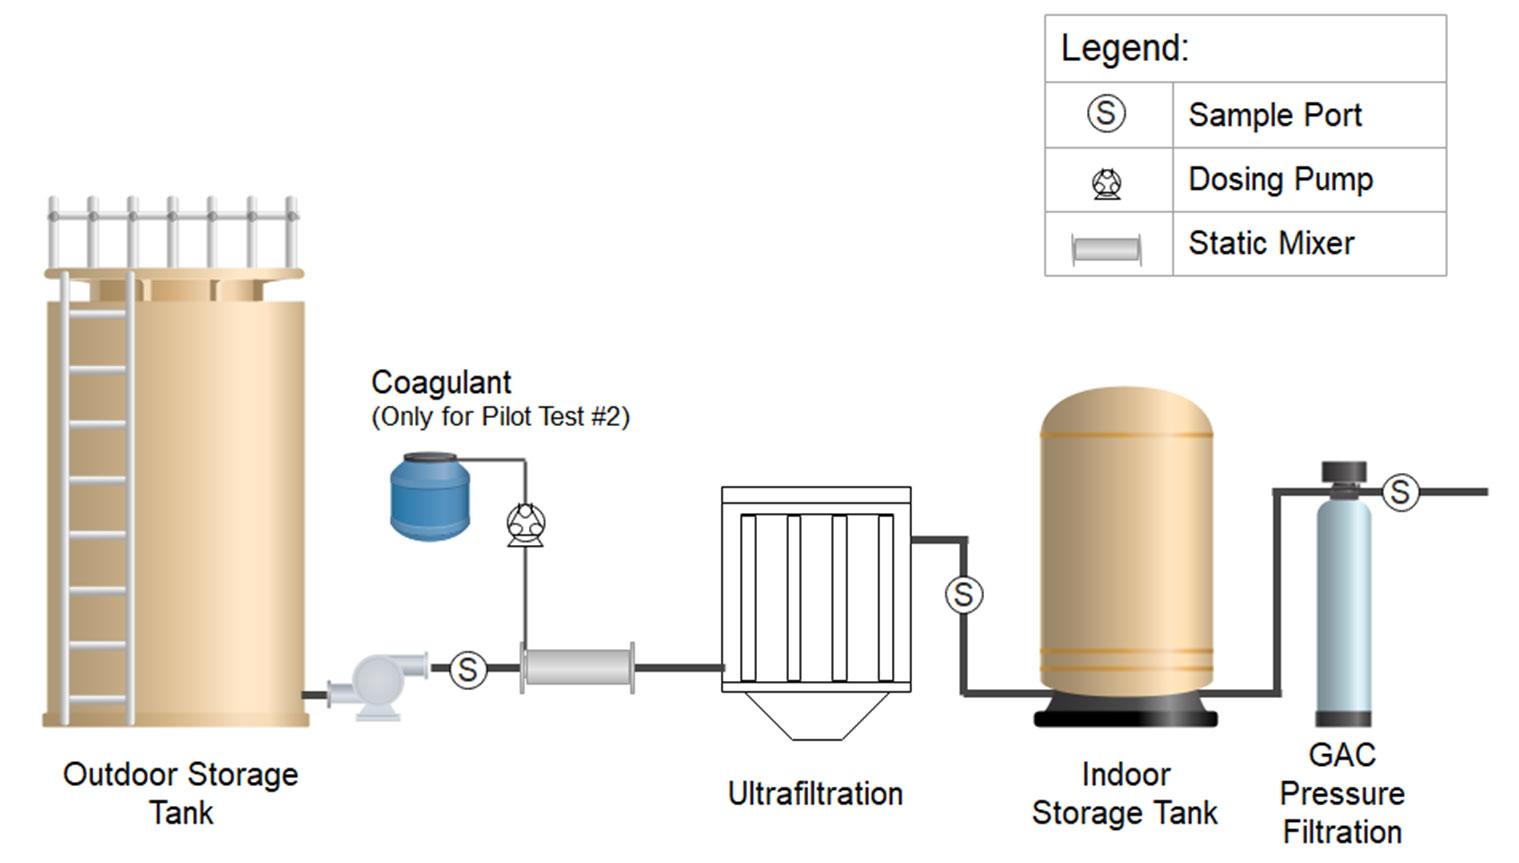 Figure 1. Pilot plant schematic.